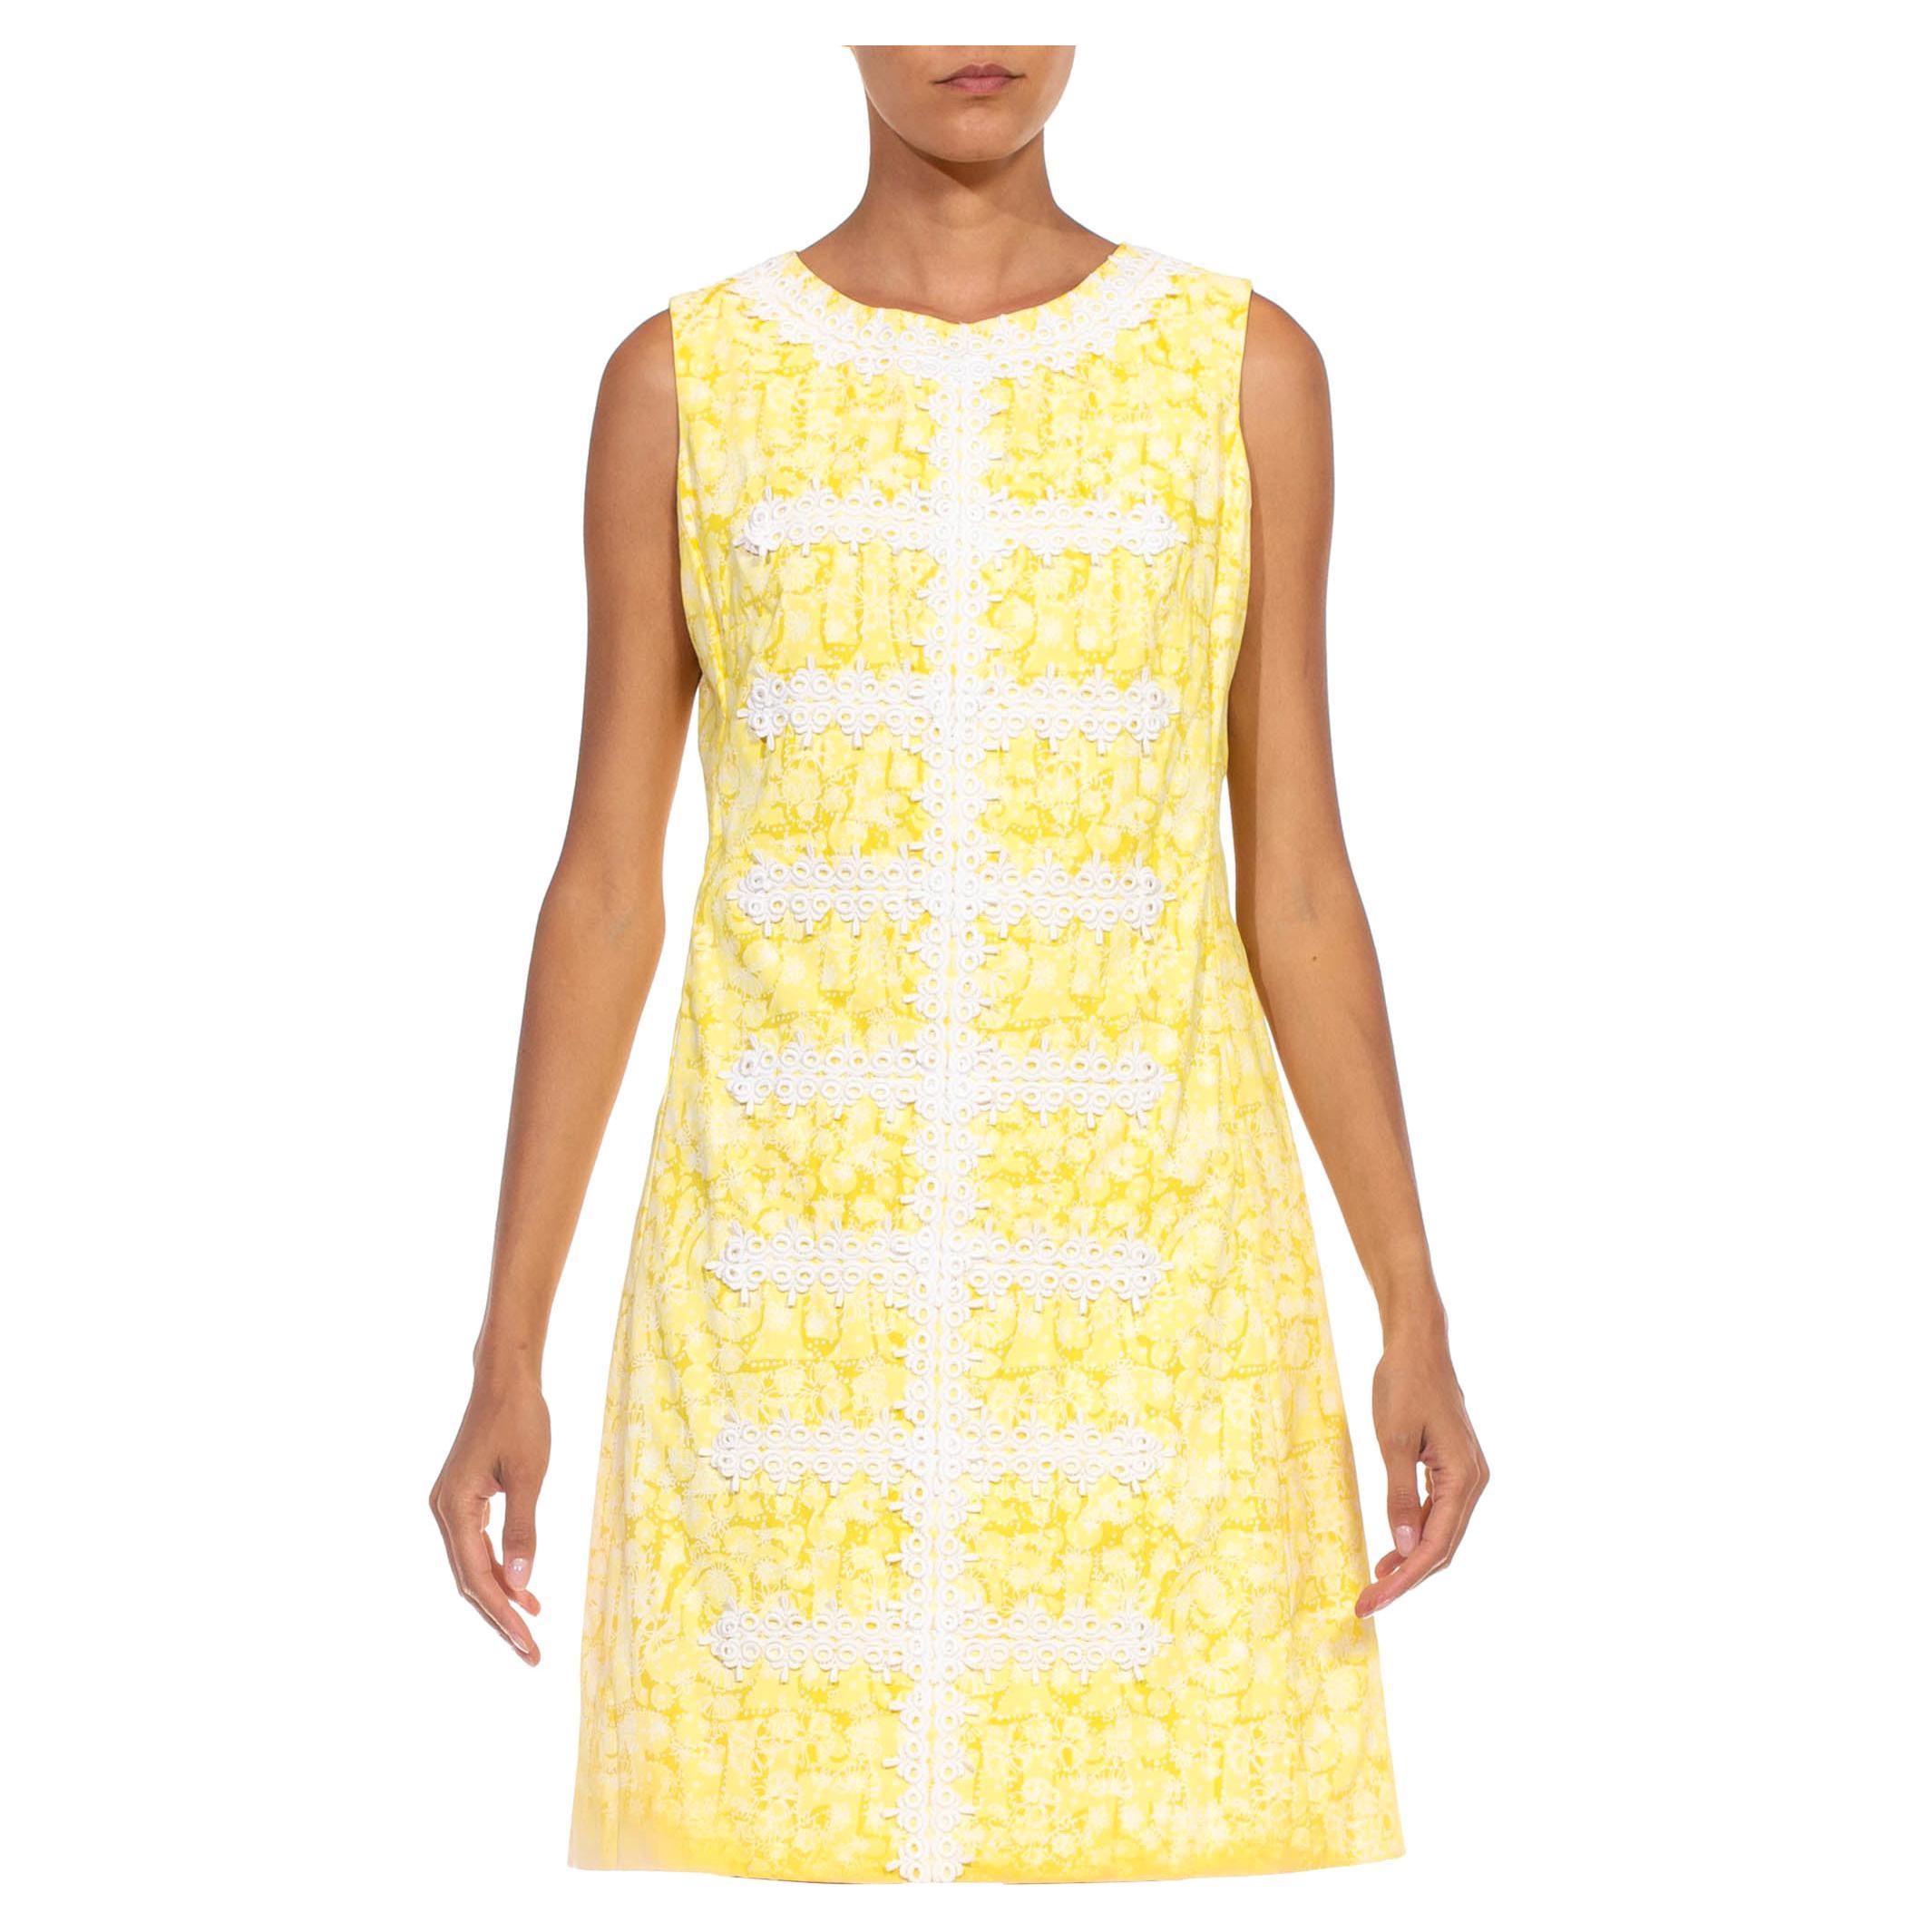 1960S LILLY PULITZER Lemon Yellow & White Cotton Lace Shift Dress